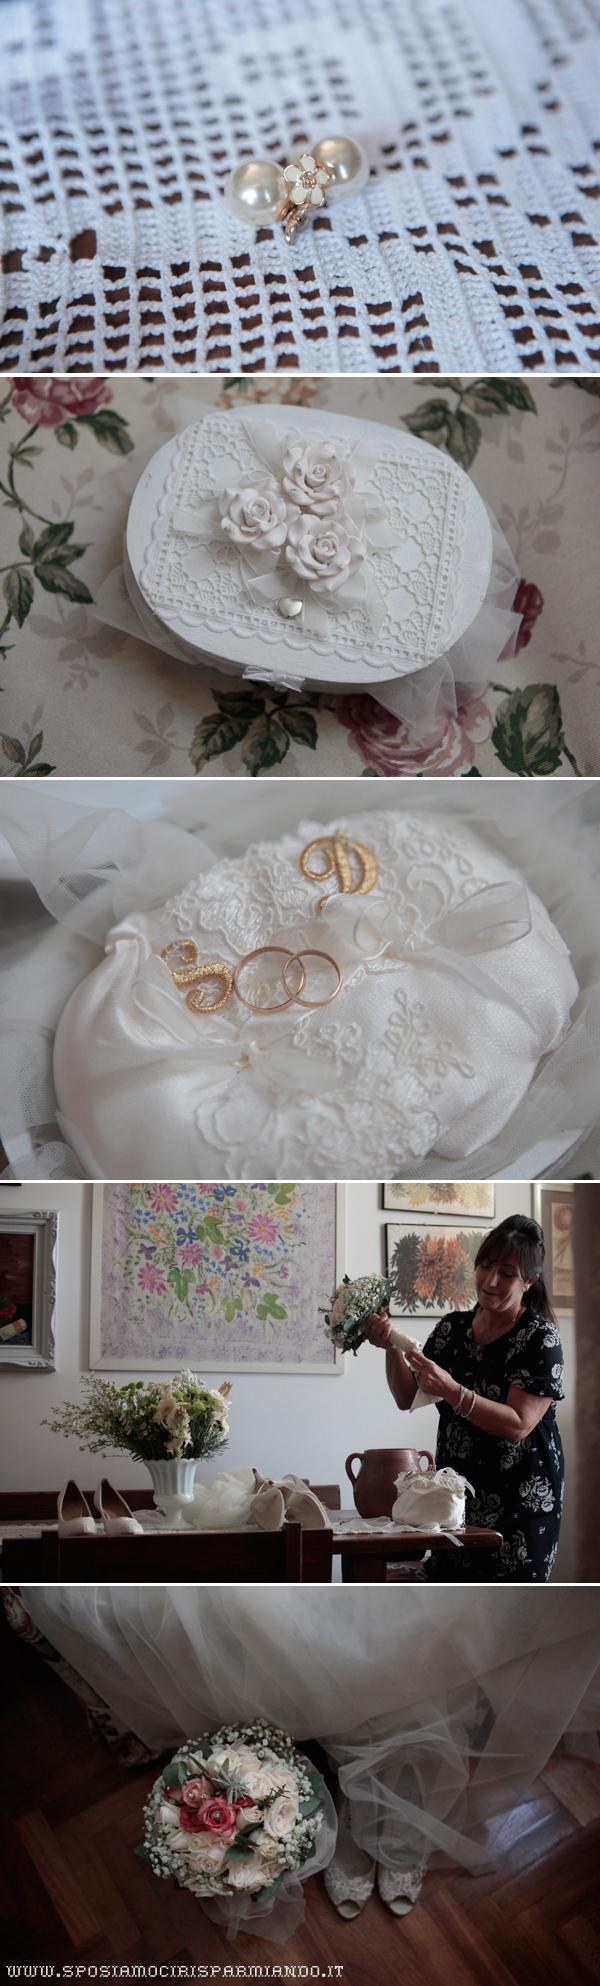 Matrimonio Tema Roma : Matrimonio a roma tema musica con sposa premaman sr